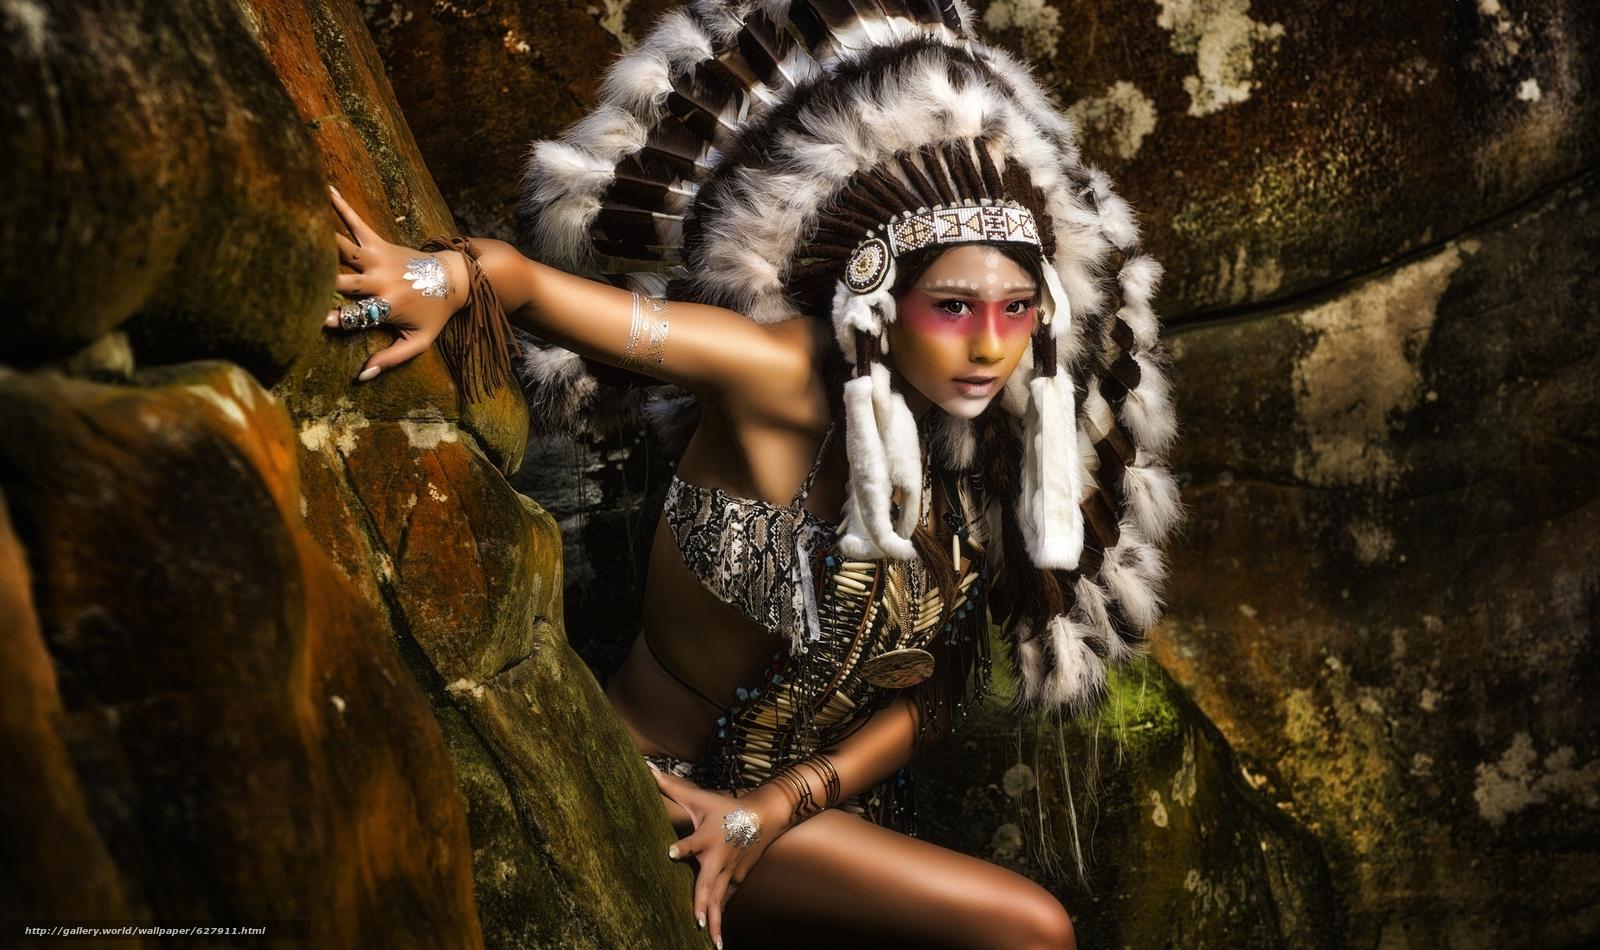 Скачать на телефон обои фото картинку на тему индианка, скво, раскрас, роуч, перья, разширение 2048x1216